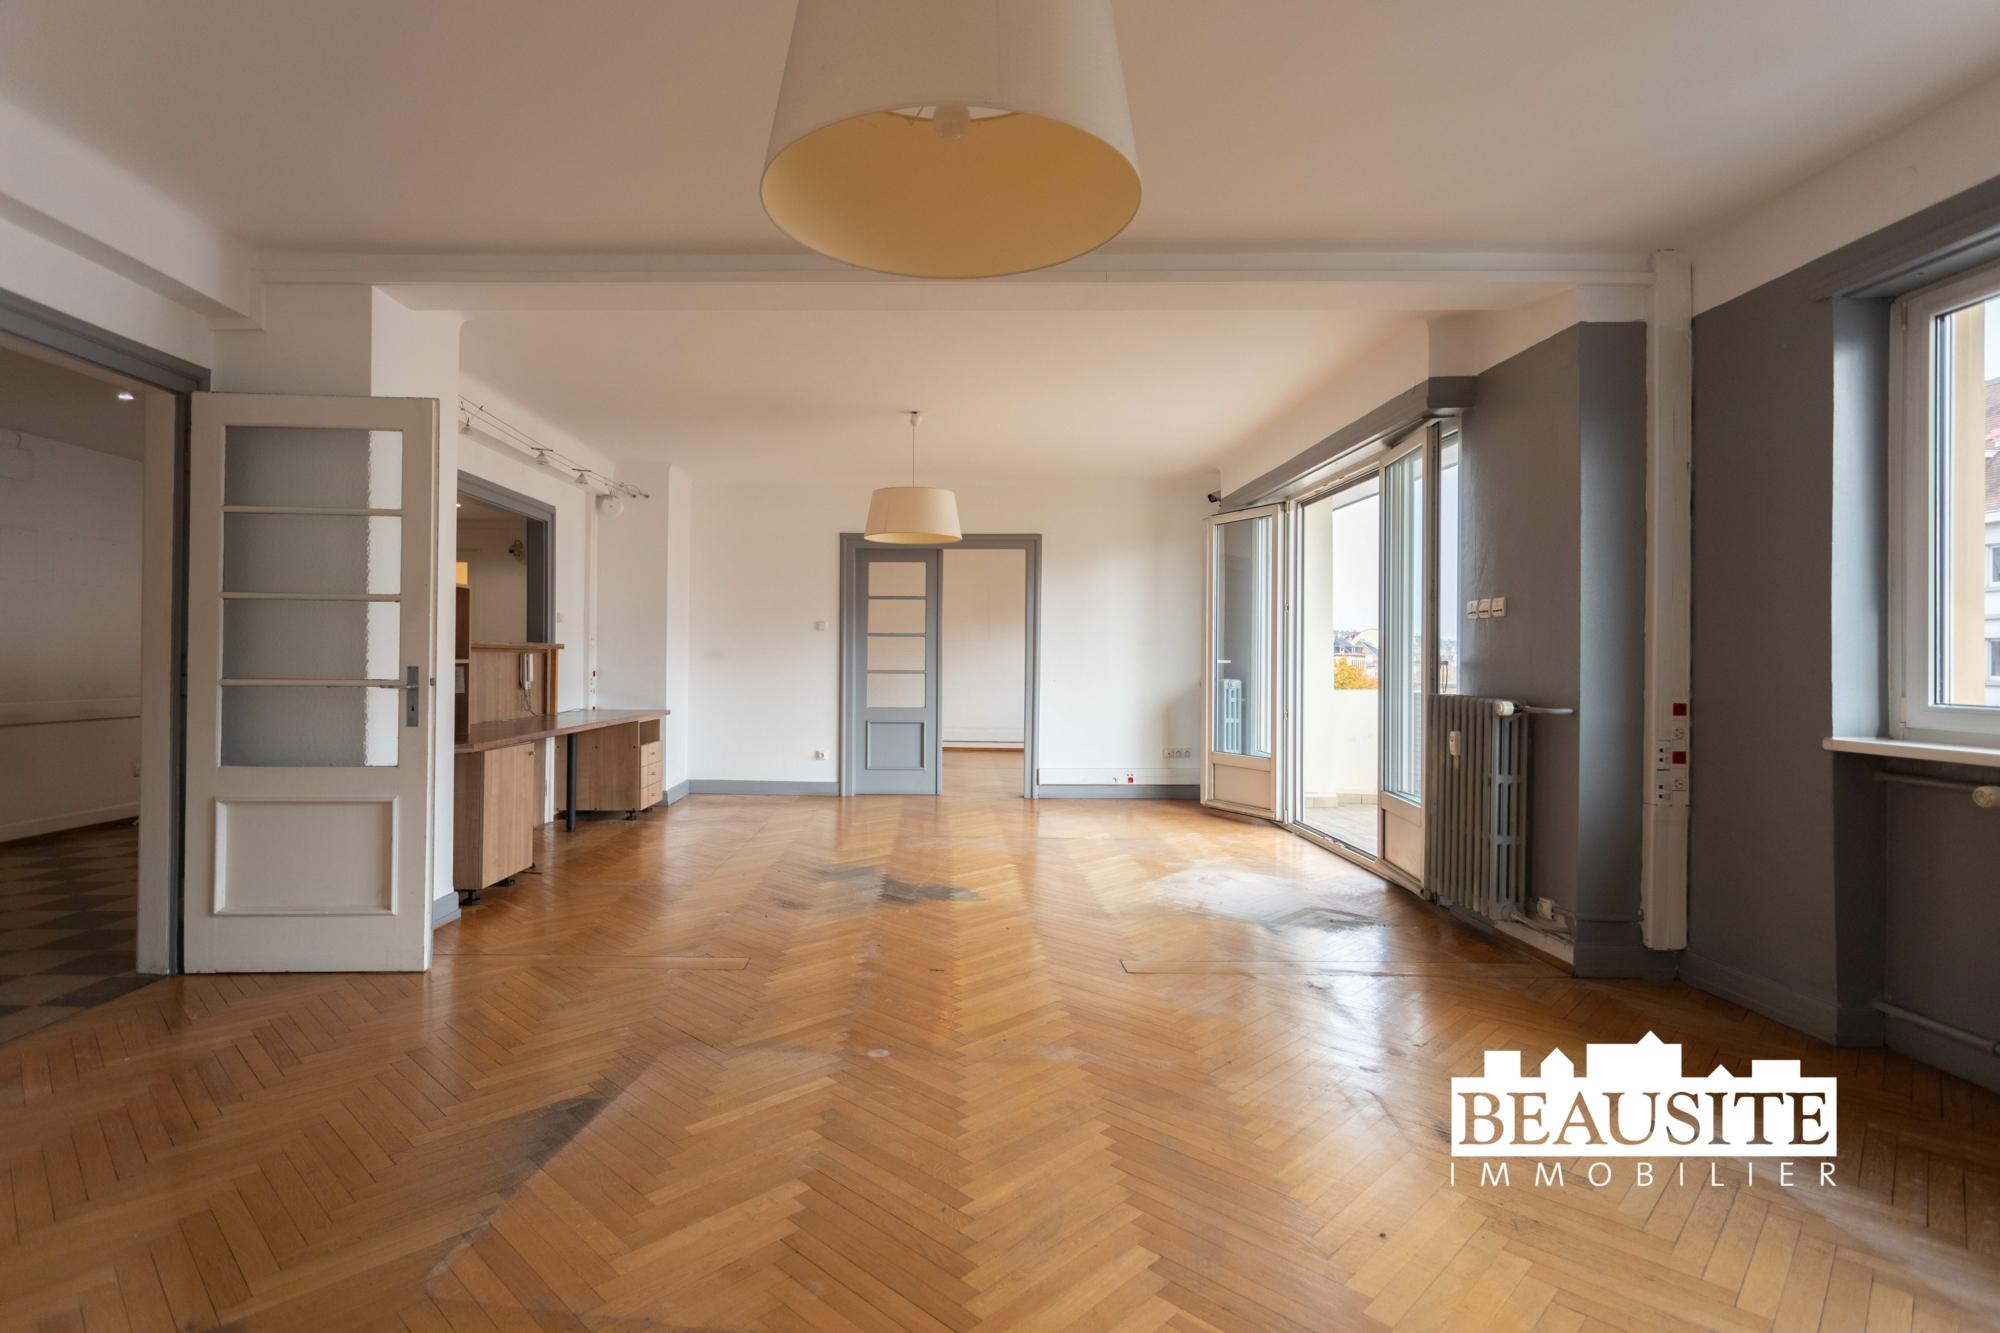 [Prosper] Le local professionnel qu'il vous faut… pour que votre activité prospère ! - Strasbourg / boulevard Wilson - nos ventes - Beausite Immobilier 2